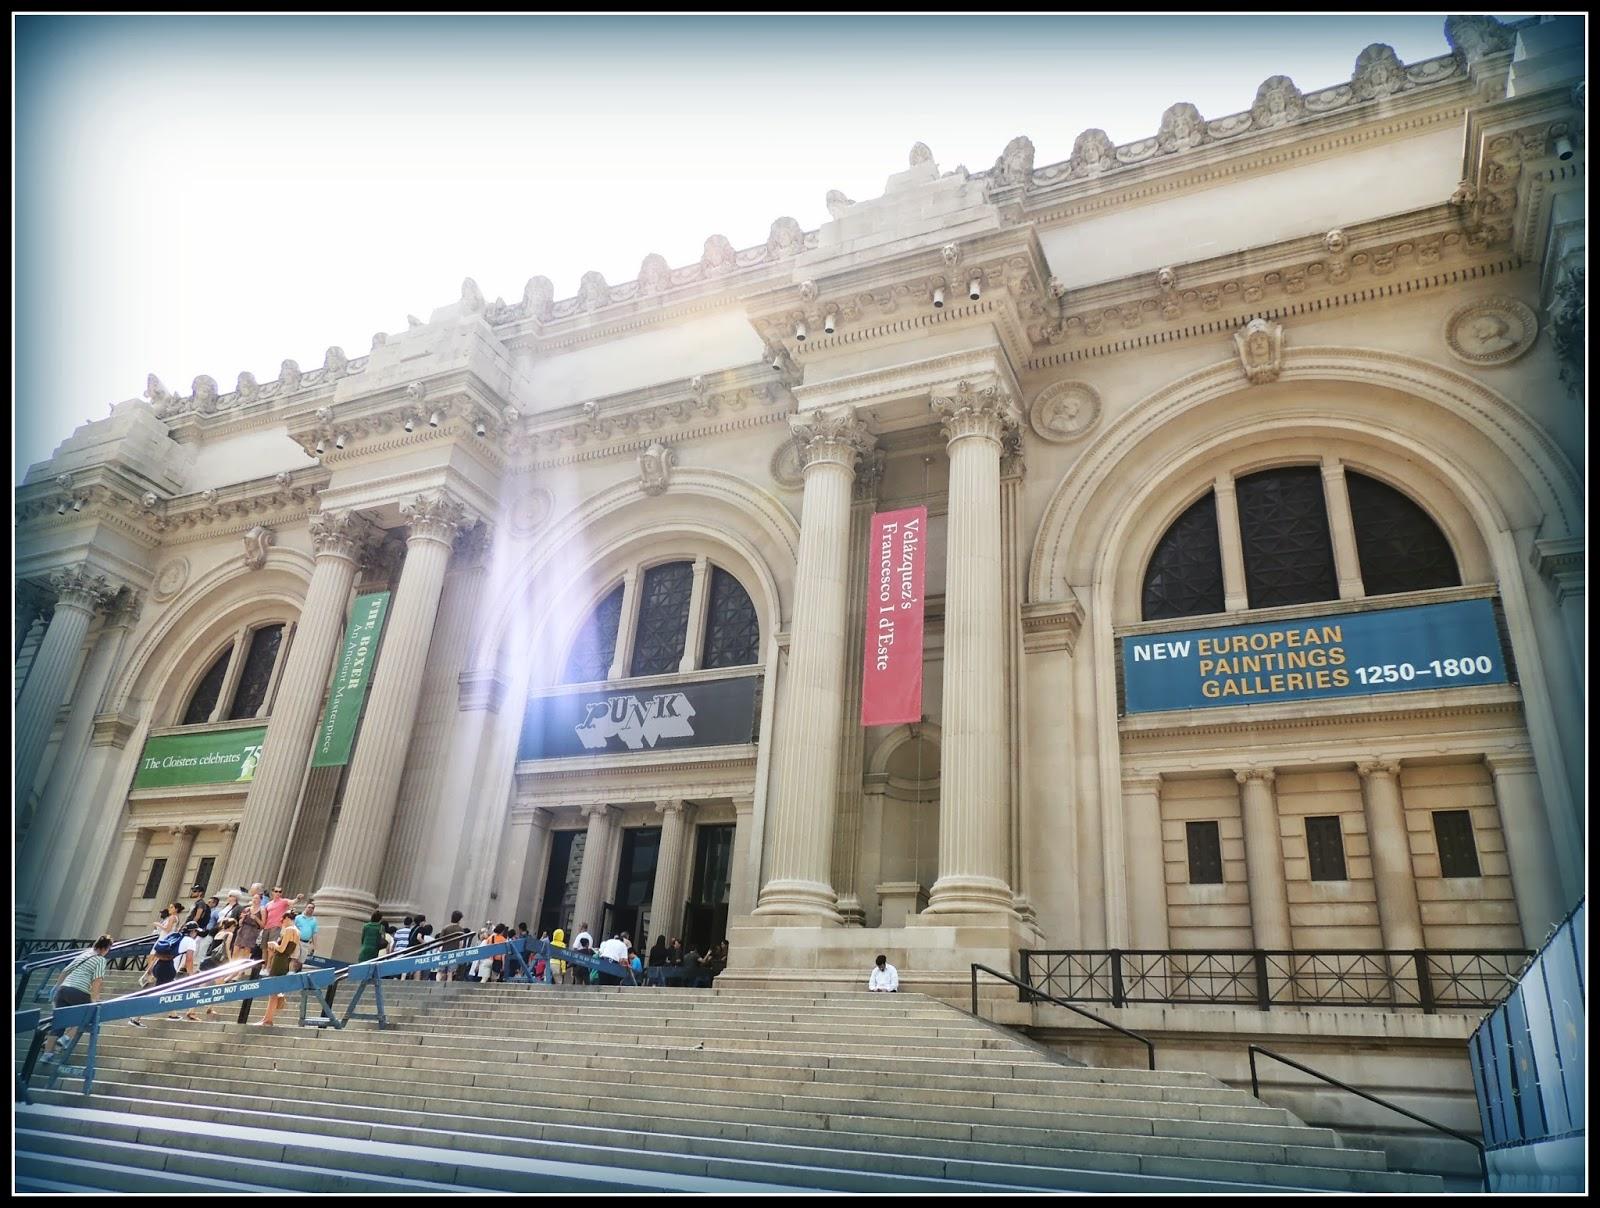 NY en 3 Días: The Metropolitan Museum of Art